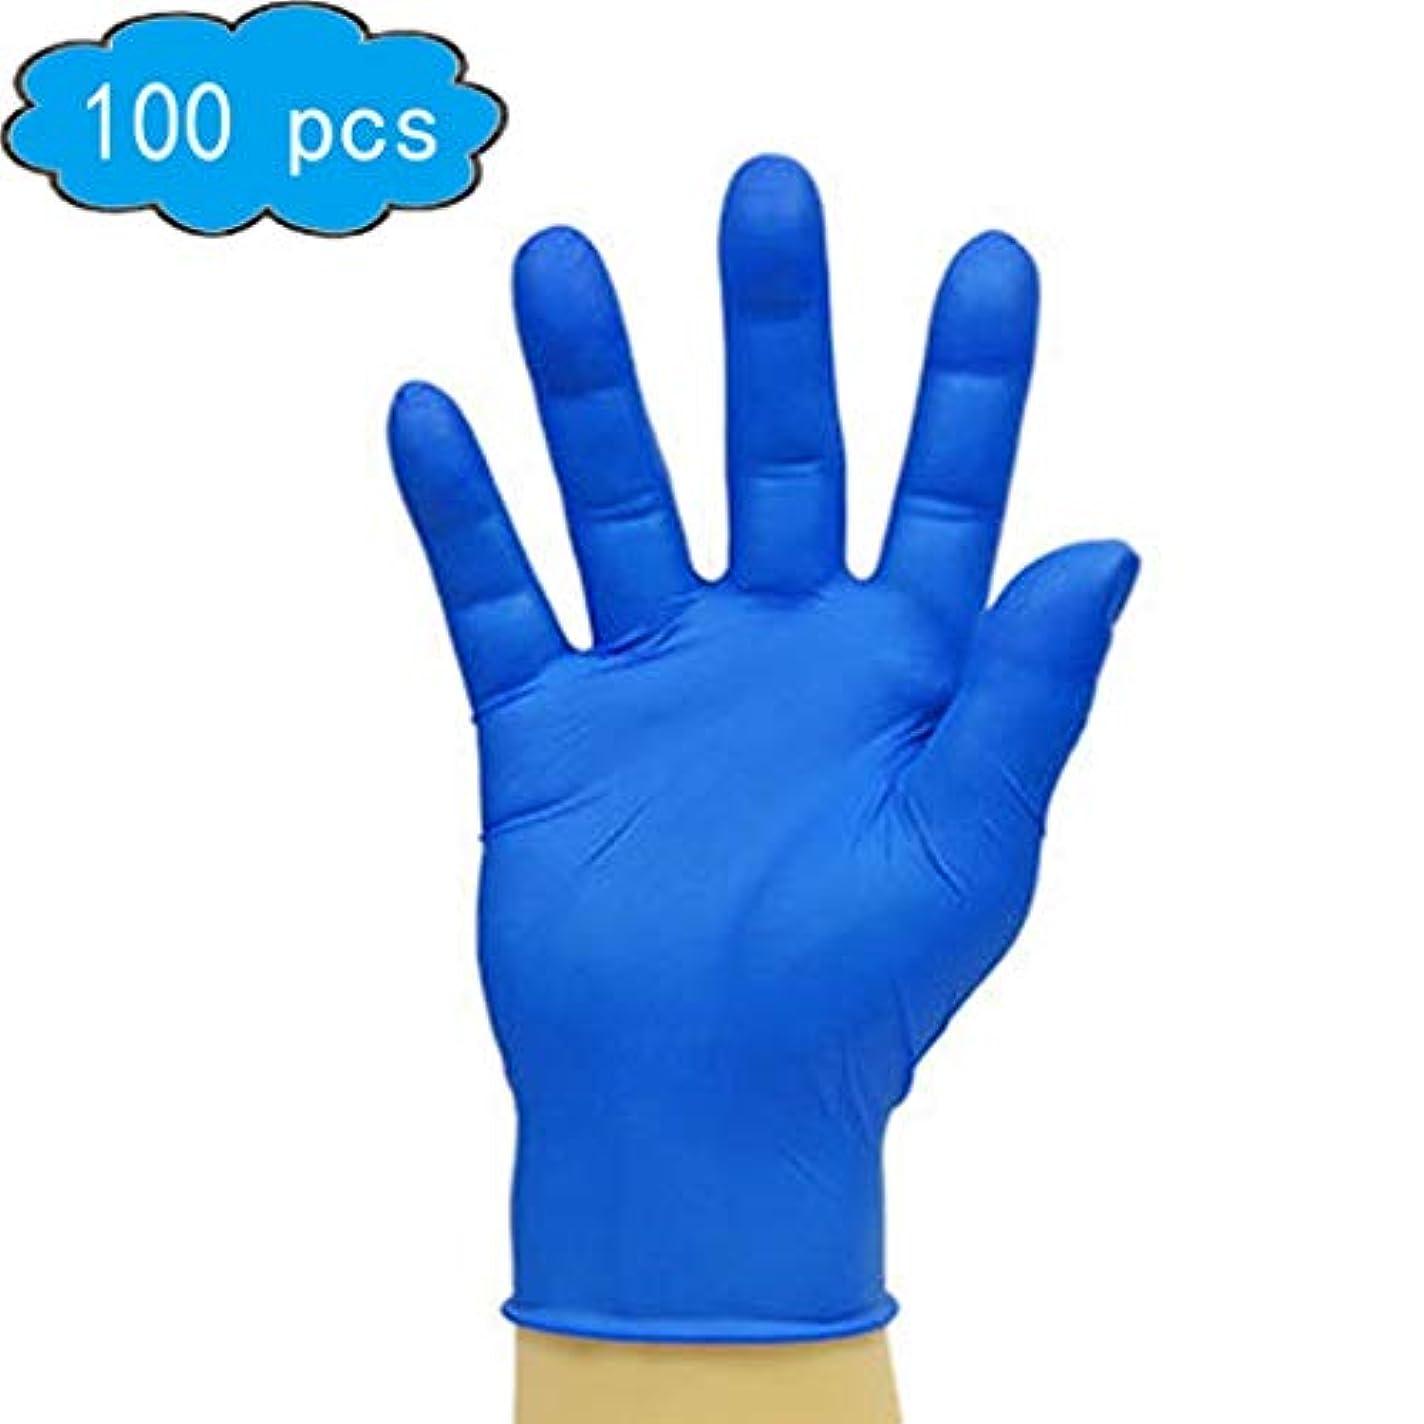 主張添加剤発言する使い捨てニトリル手袋、肥厚、ダークブルー、5ミル、ブルー、サイズL、パックあたり100 (Color : Blue, Size : M)